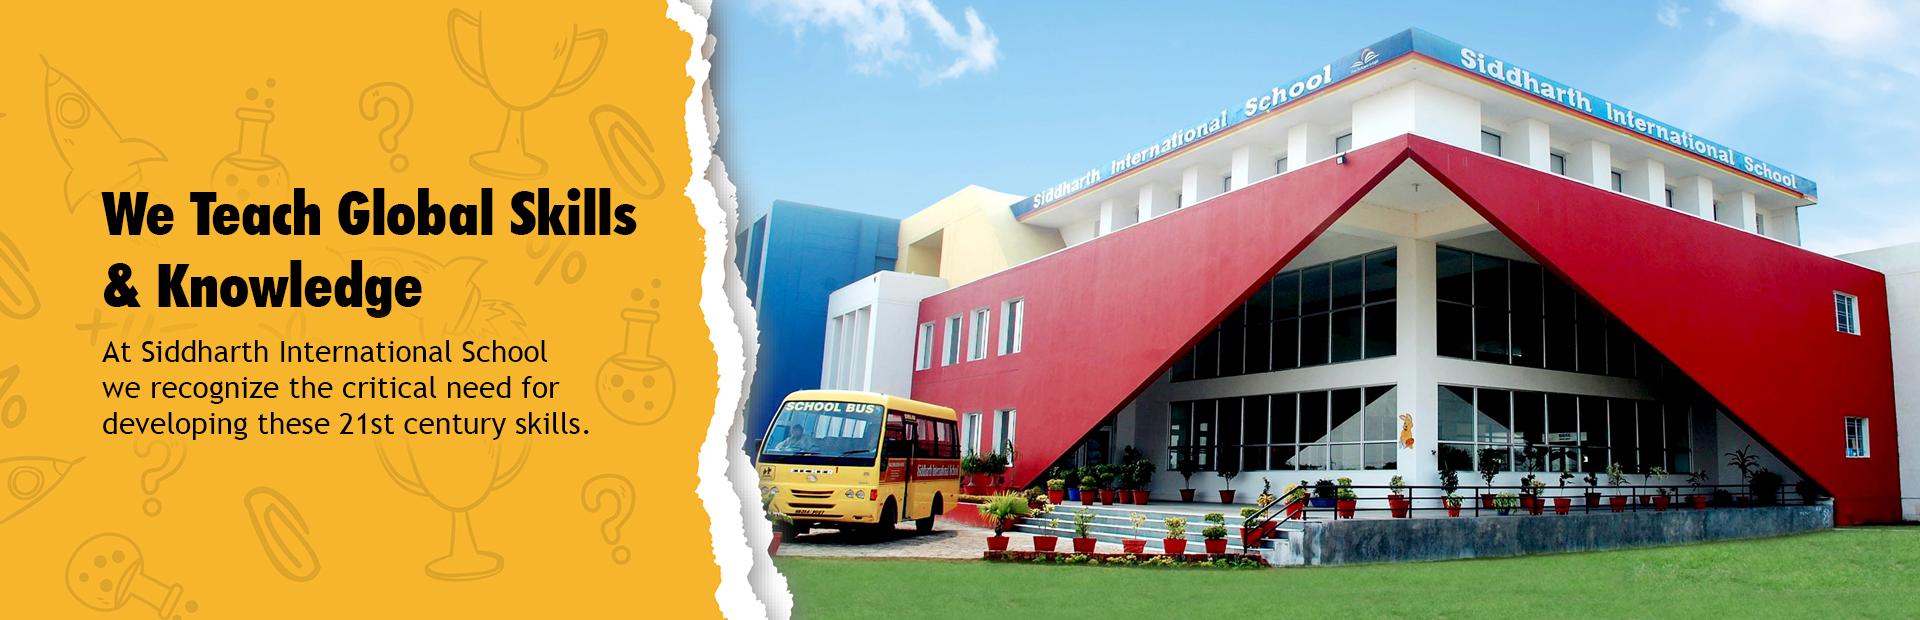 Siddharth International School, Hisar